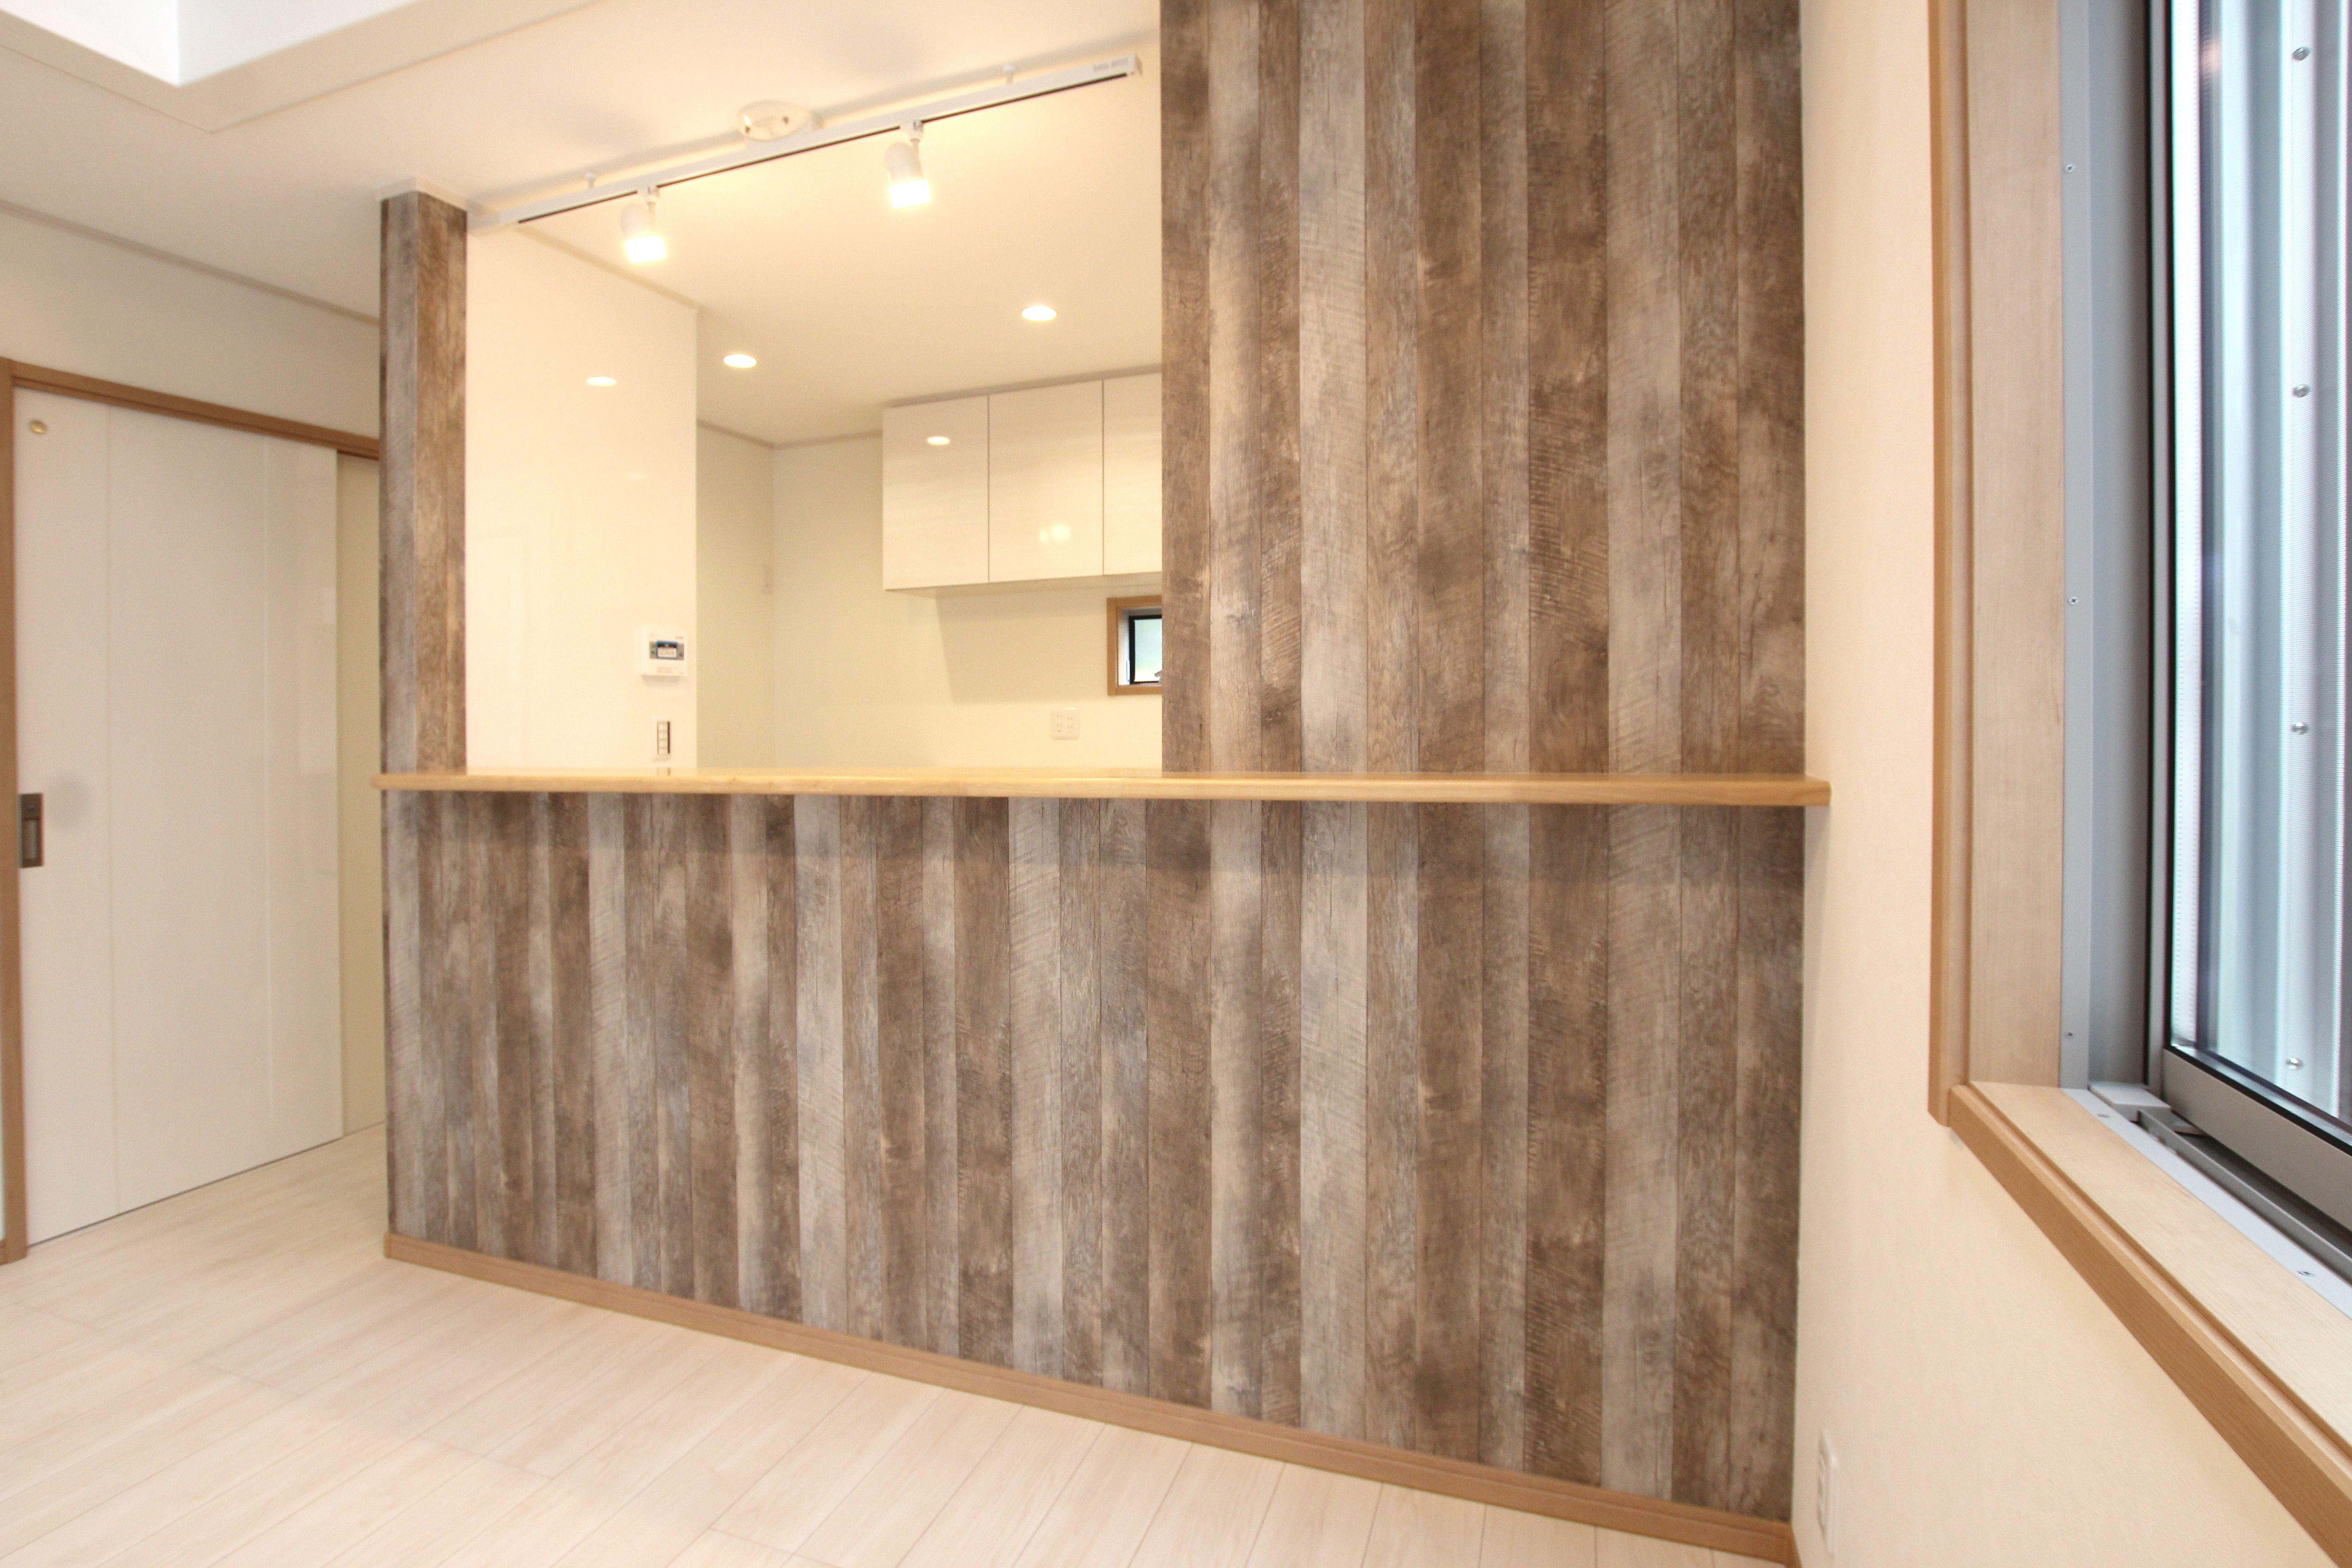 木目調のヴィンテージ風クロスが印象的なキッチンカウンター スモーキーな色調を使用し ブルックリンスタイルを取り入れました できたてのお料理をカウンターから配膳出来る スマートな家事動線が特徴です ブルックリンスタイル 木目調クロス ヴィンテージ風